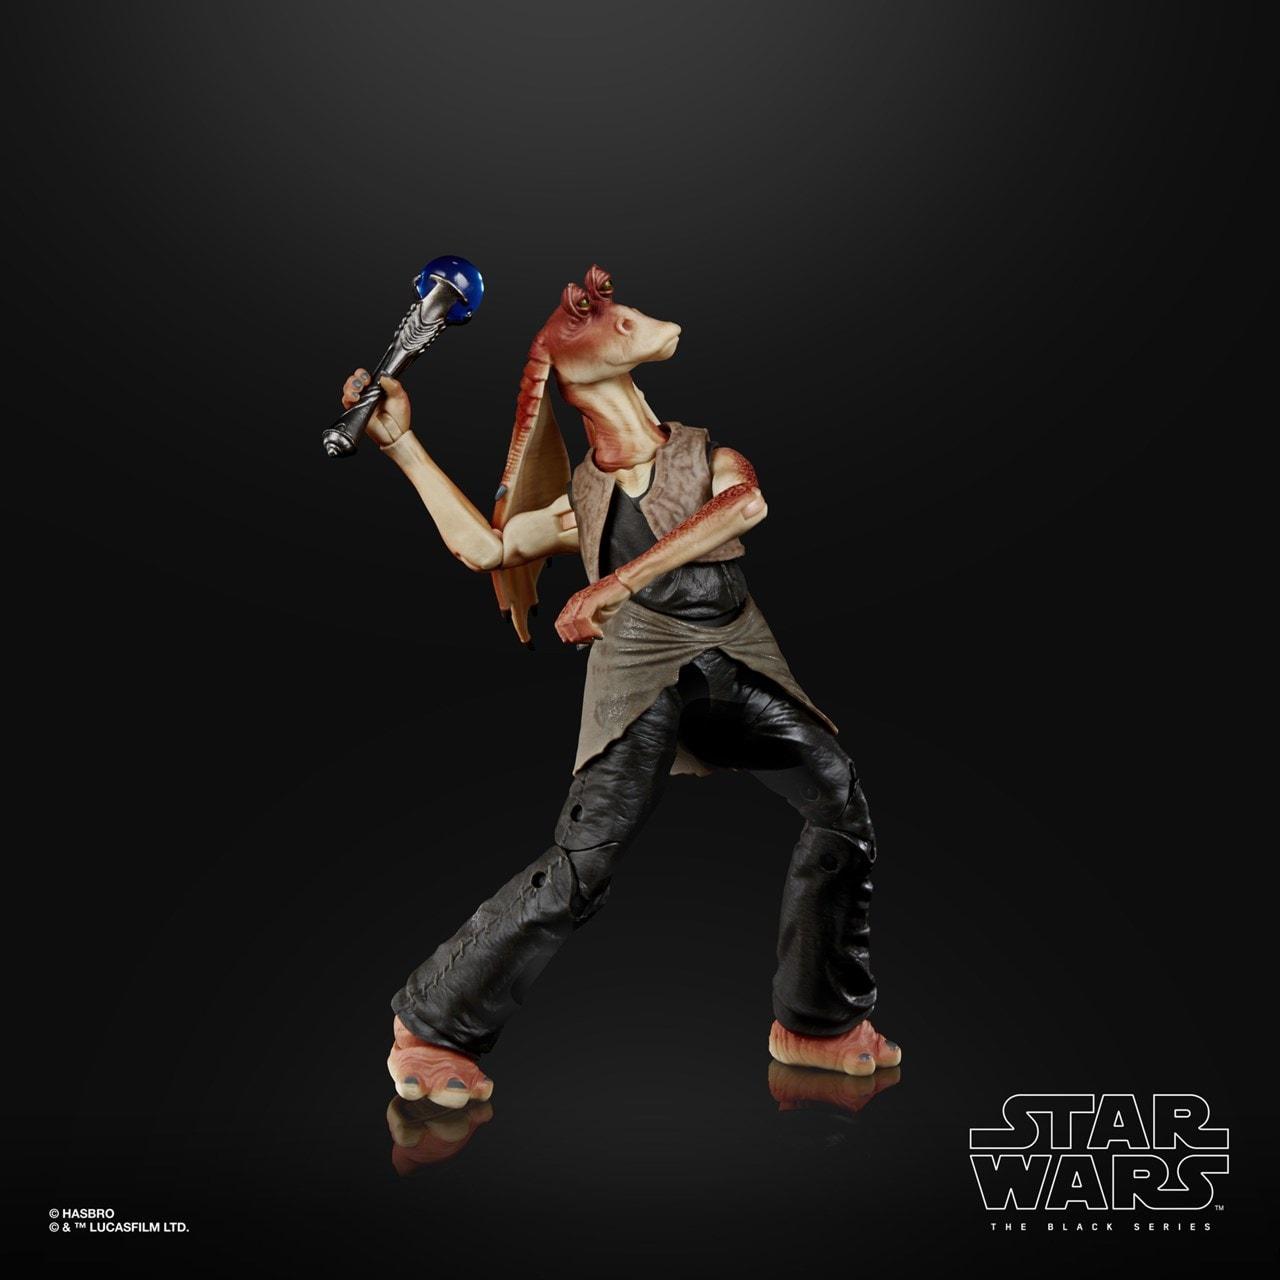 Jar Jar Binks: Deluxe: The Black Series: Star Wars Action Figure - 2